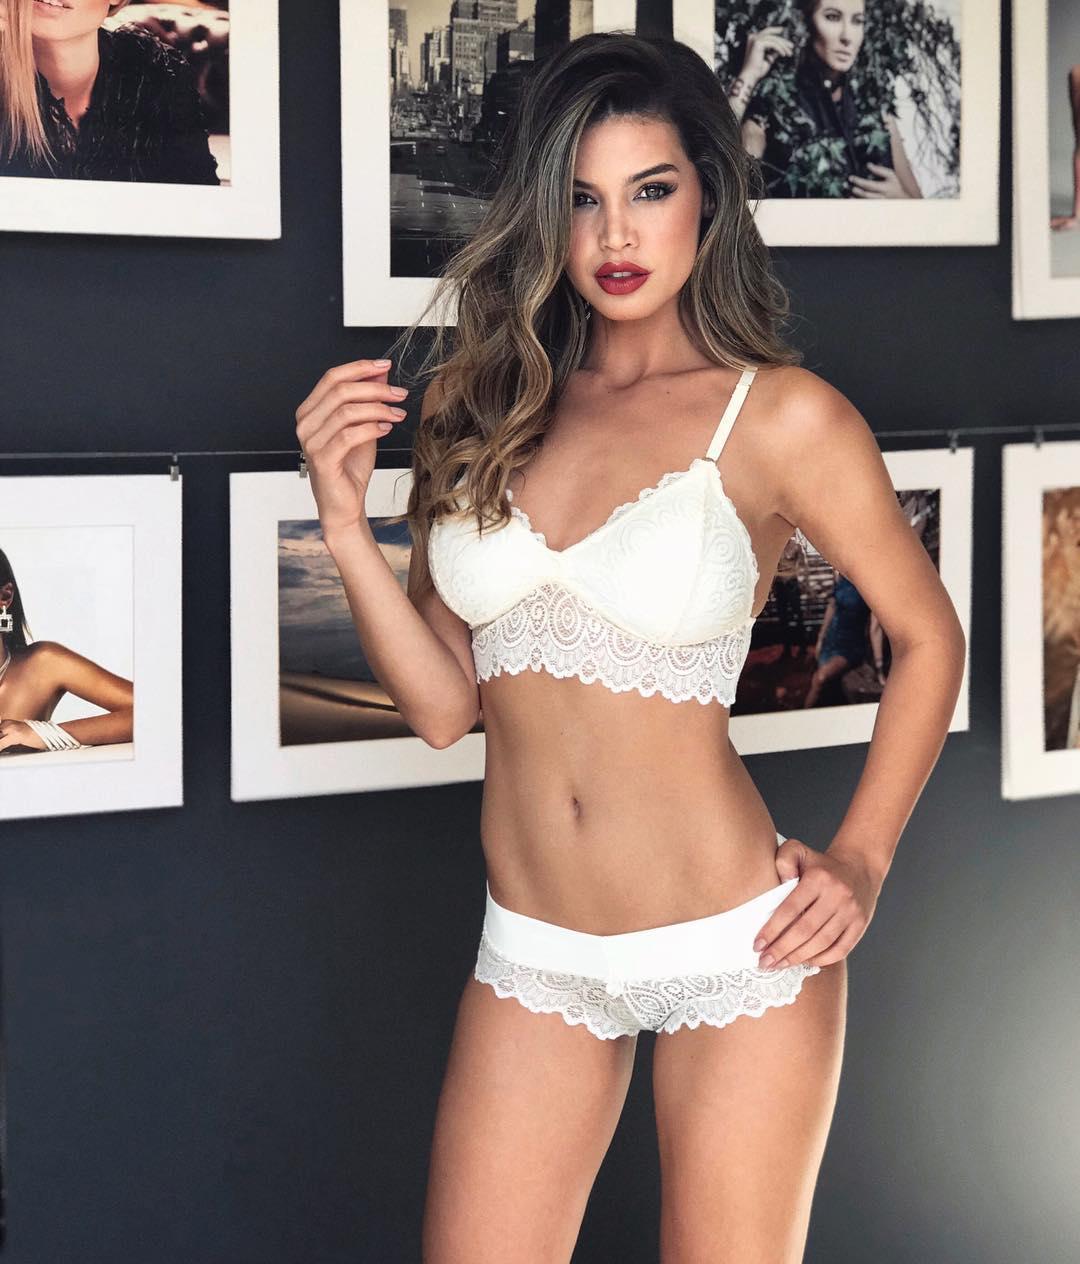 fernanda recht, miss brasil internacional 2018. 3h8wf210